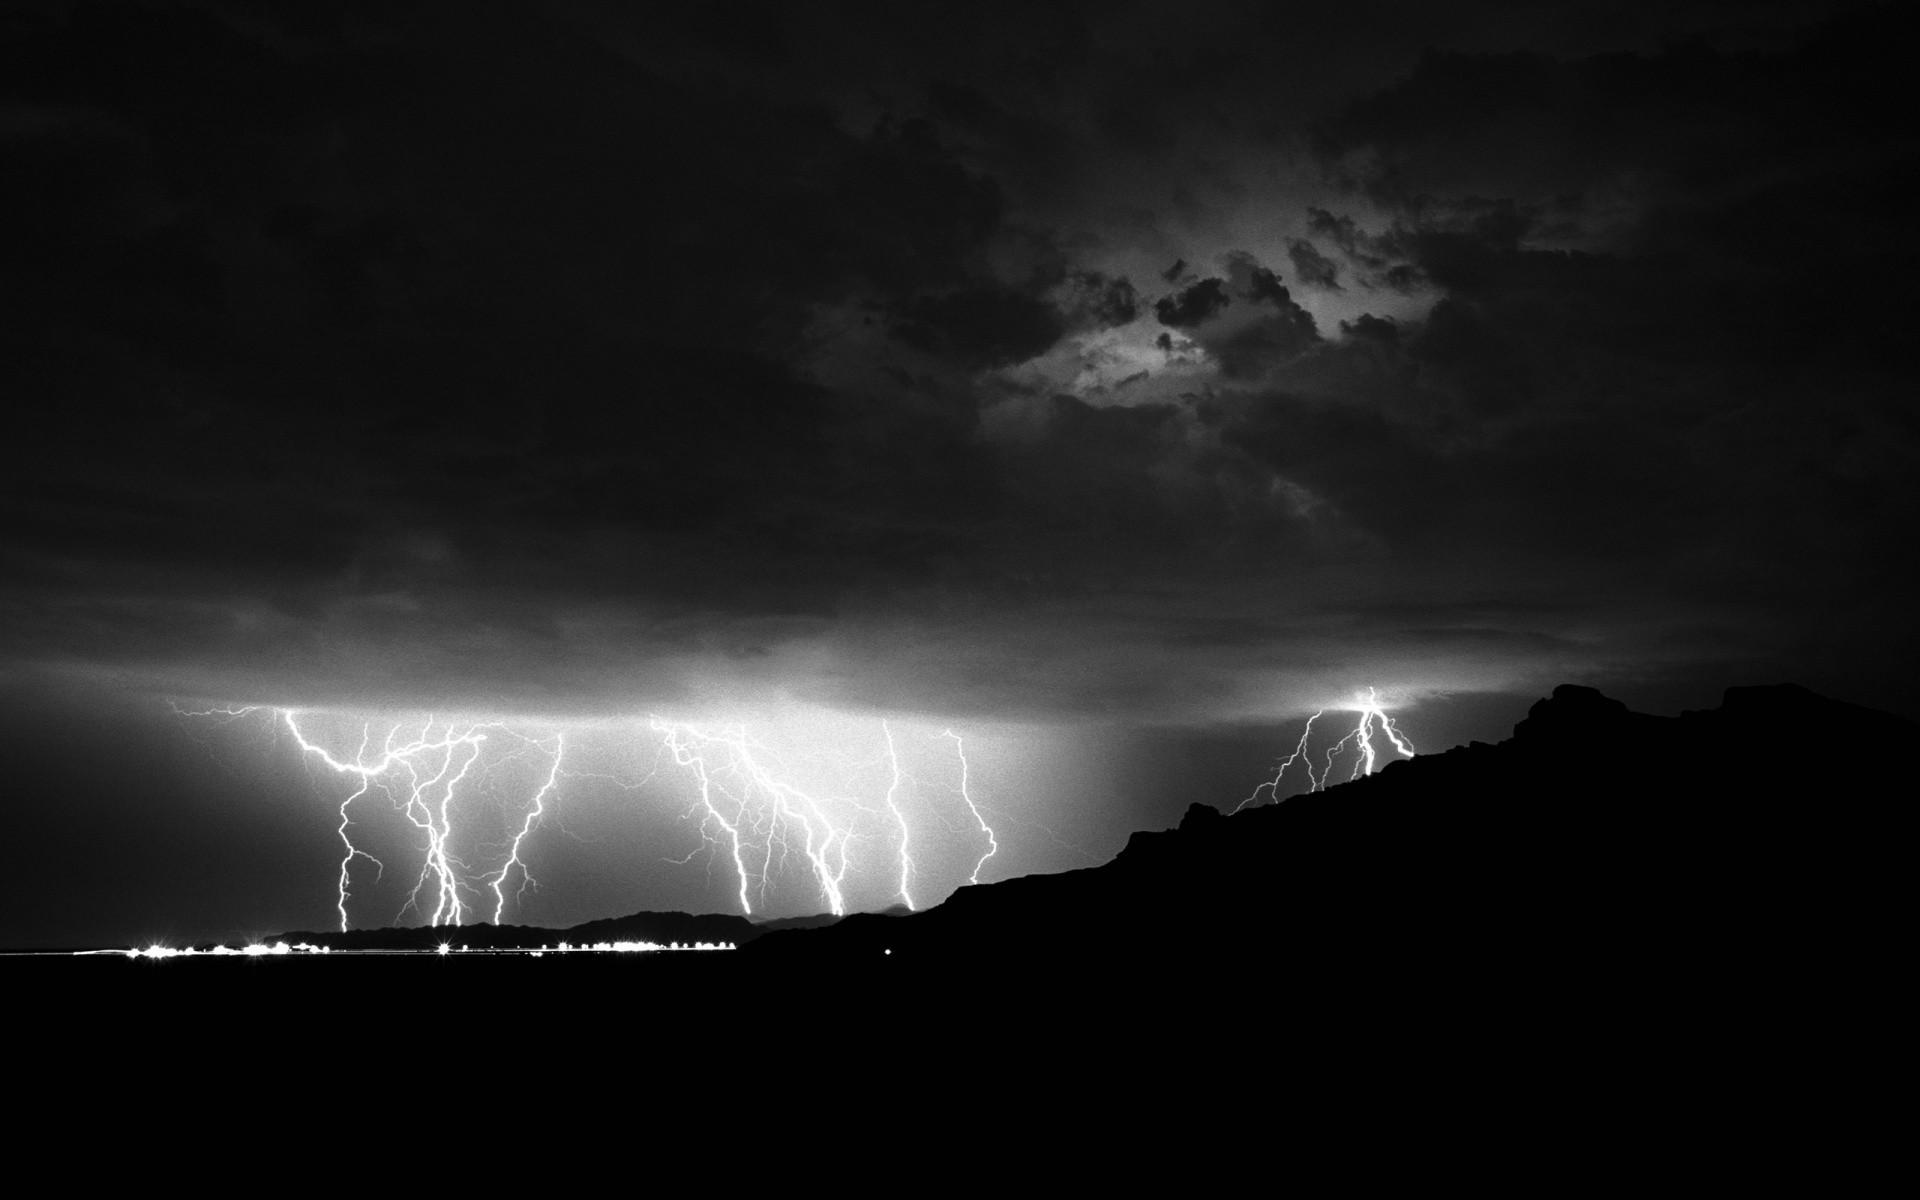 Thunderstorm Wallpaper